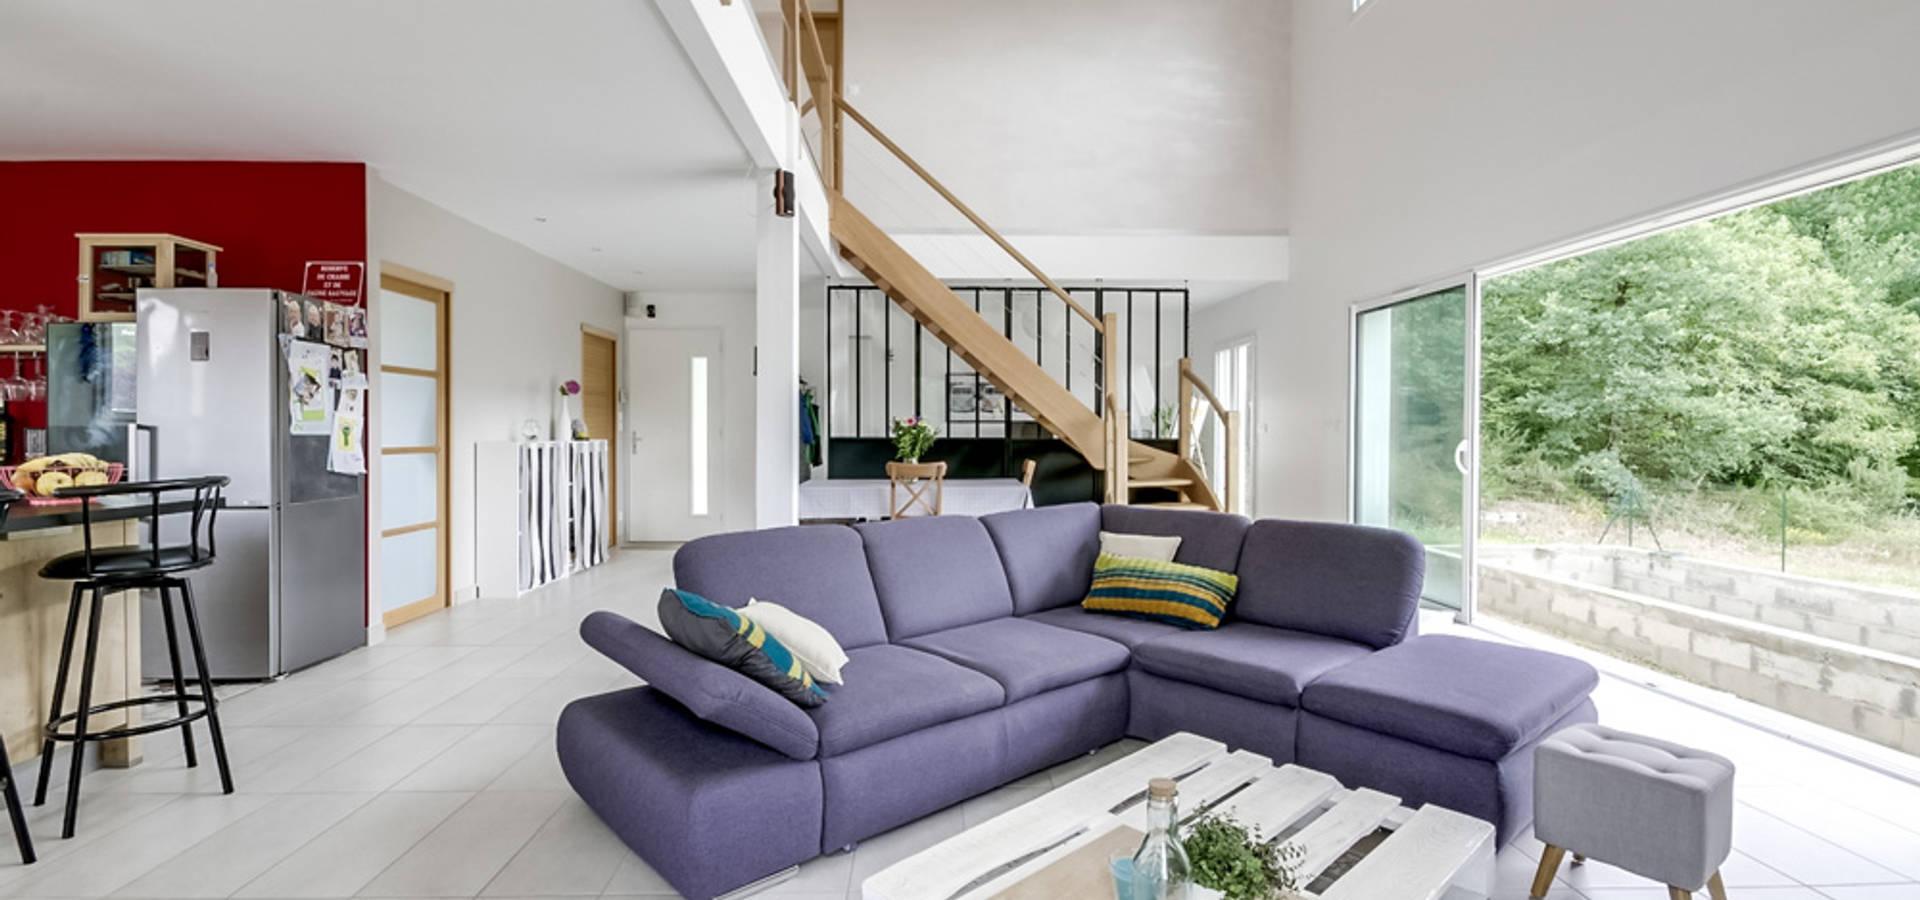 Aménagement d\'intérieur maison neuve by Agence 360 degrés | homify